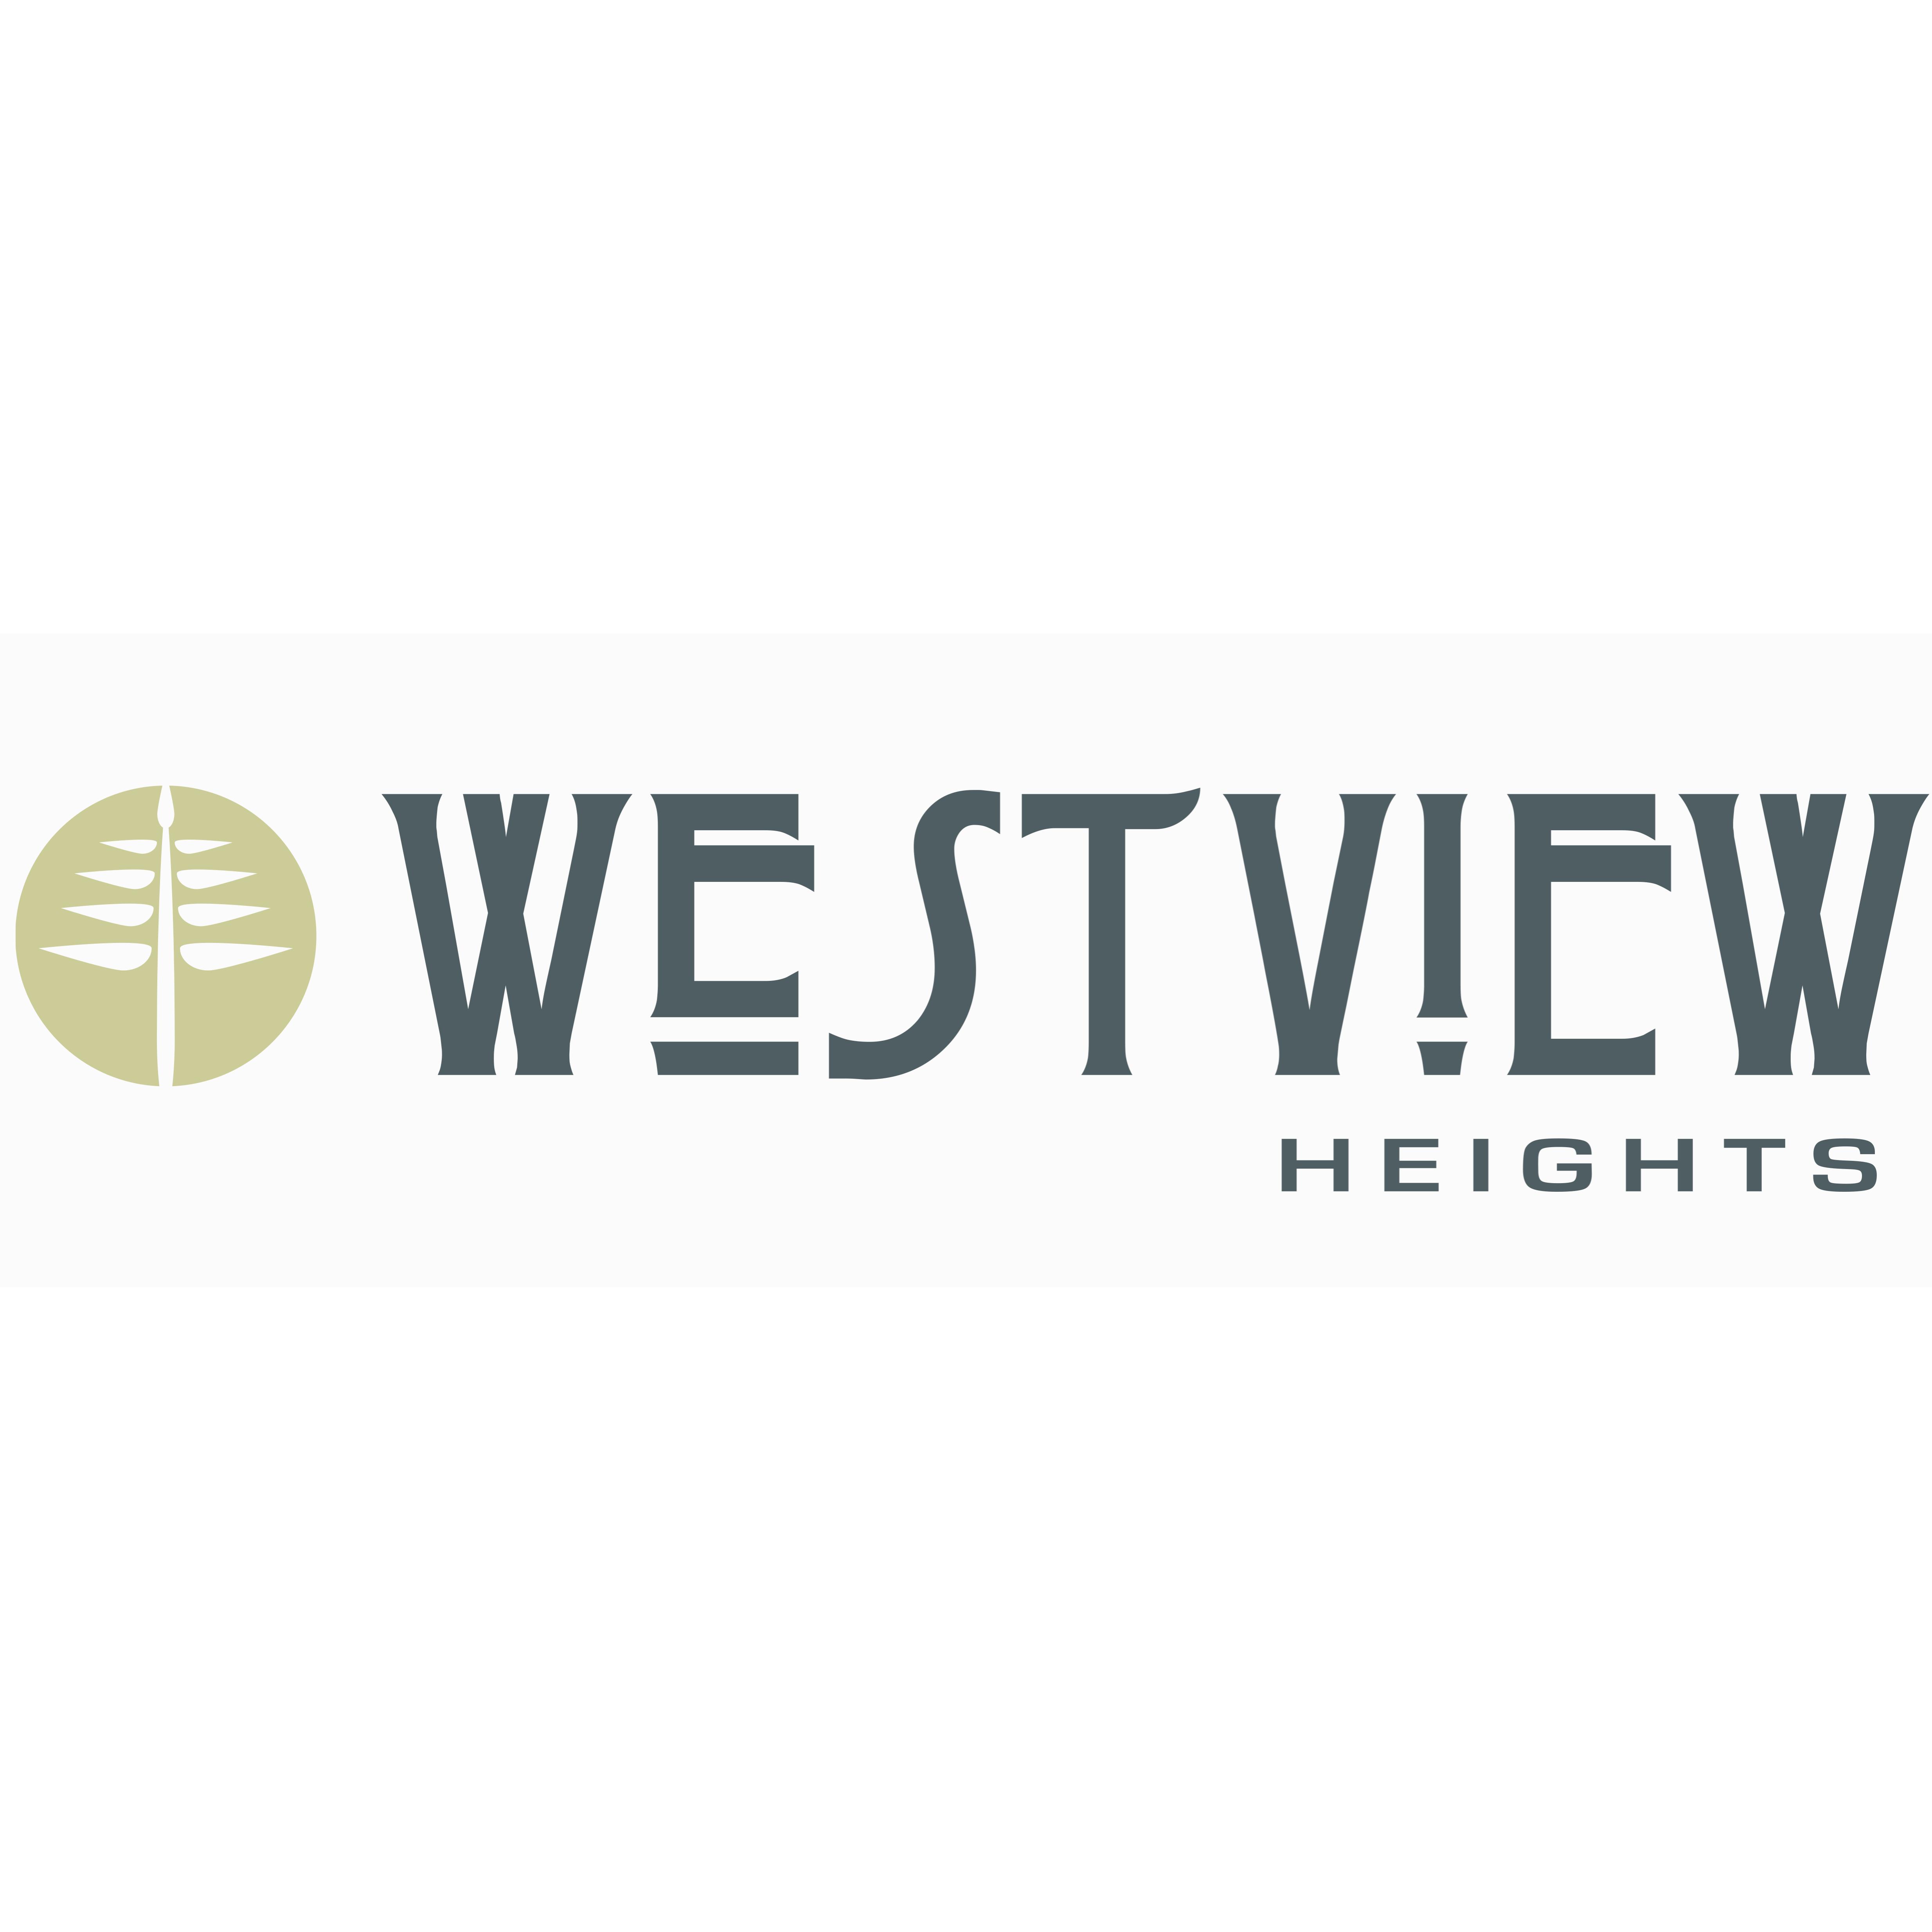 Westview Heights image 3